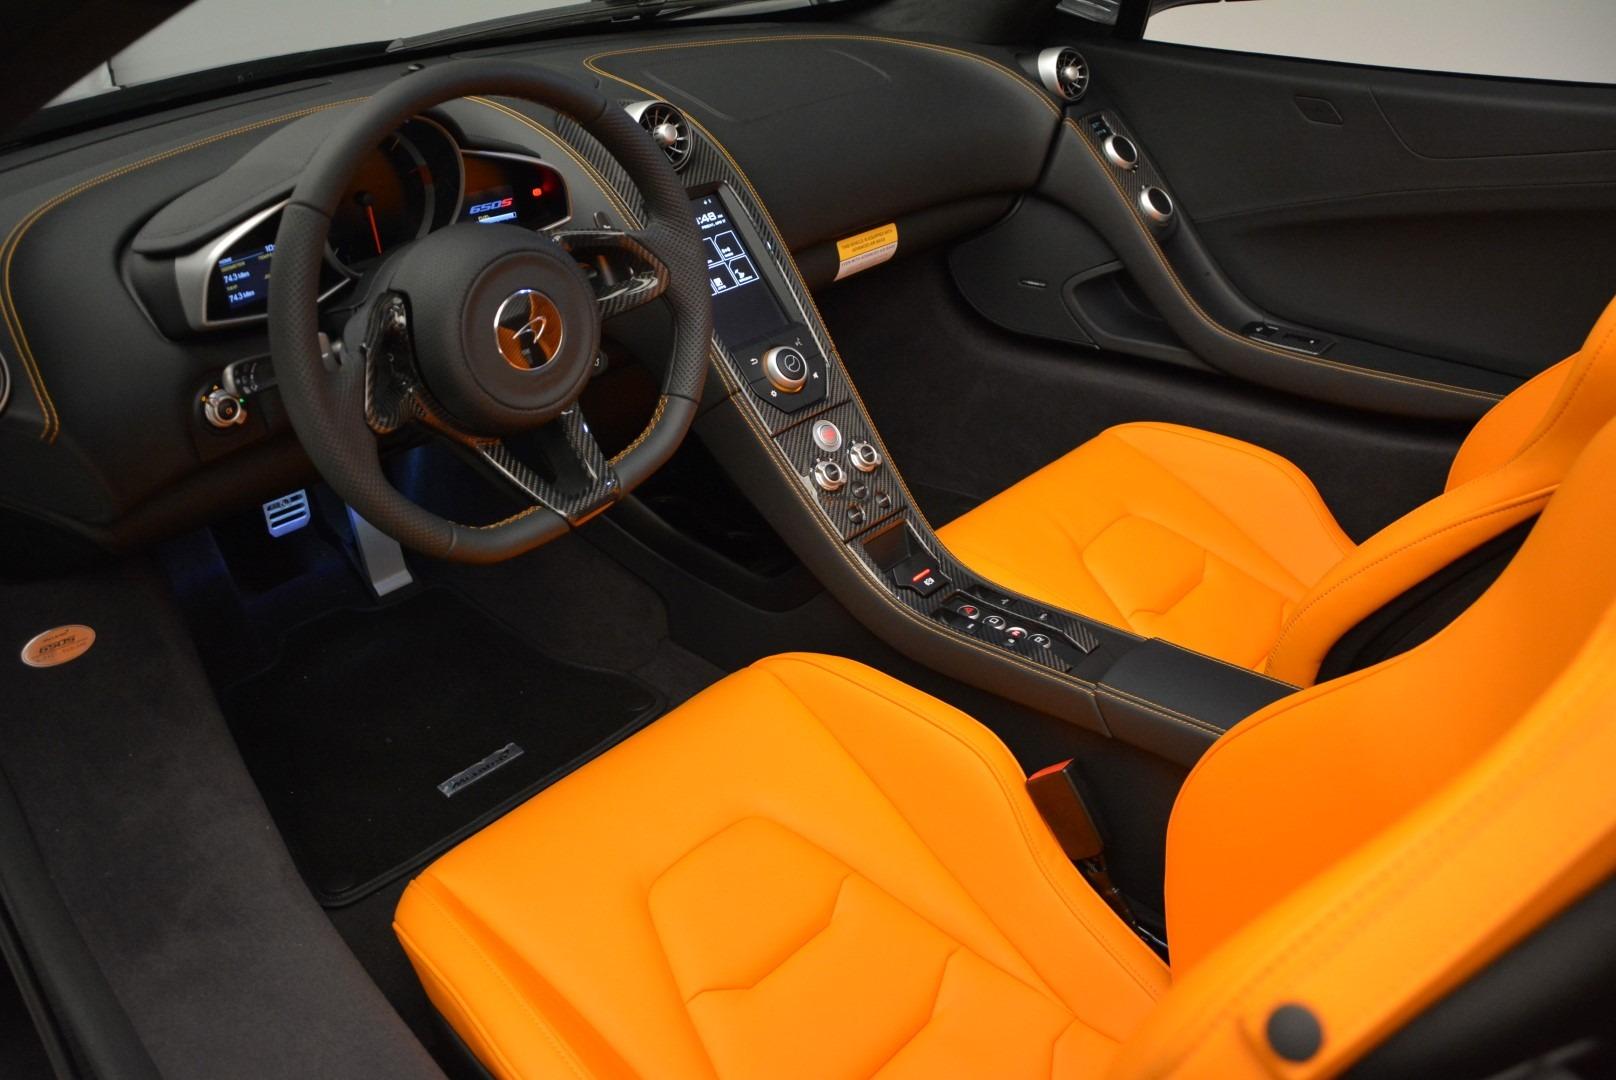 Used 2015 McLaren 650S Spider For Sale In Westport, CT 2089_p23